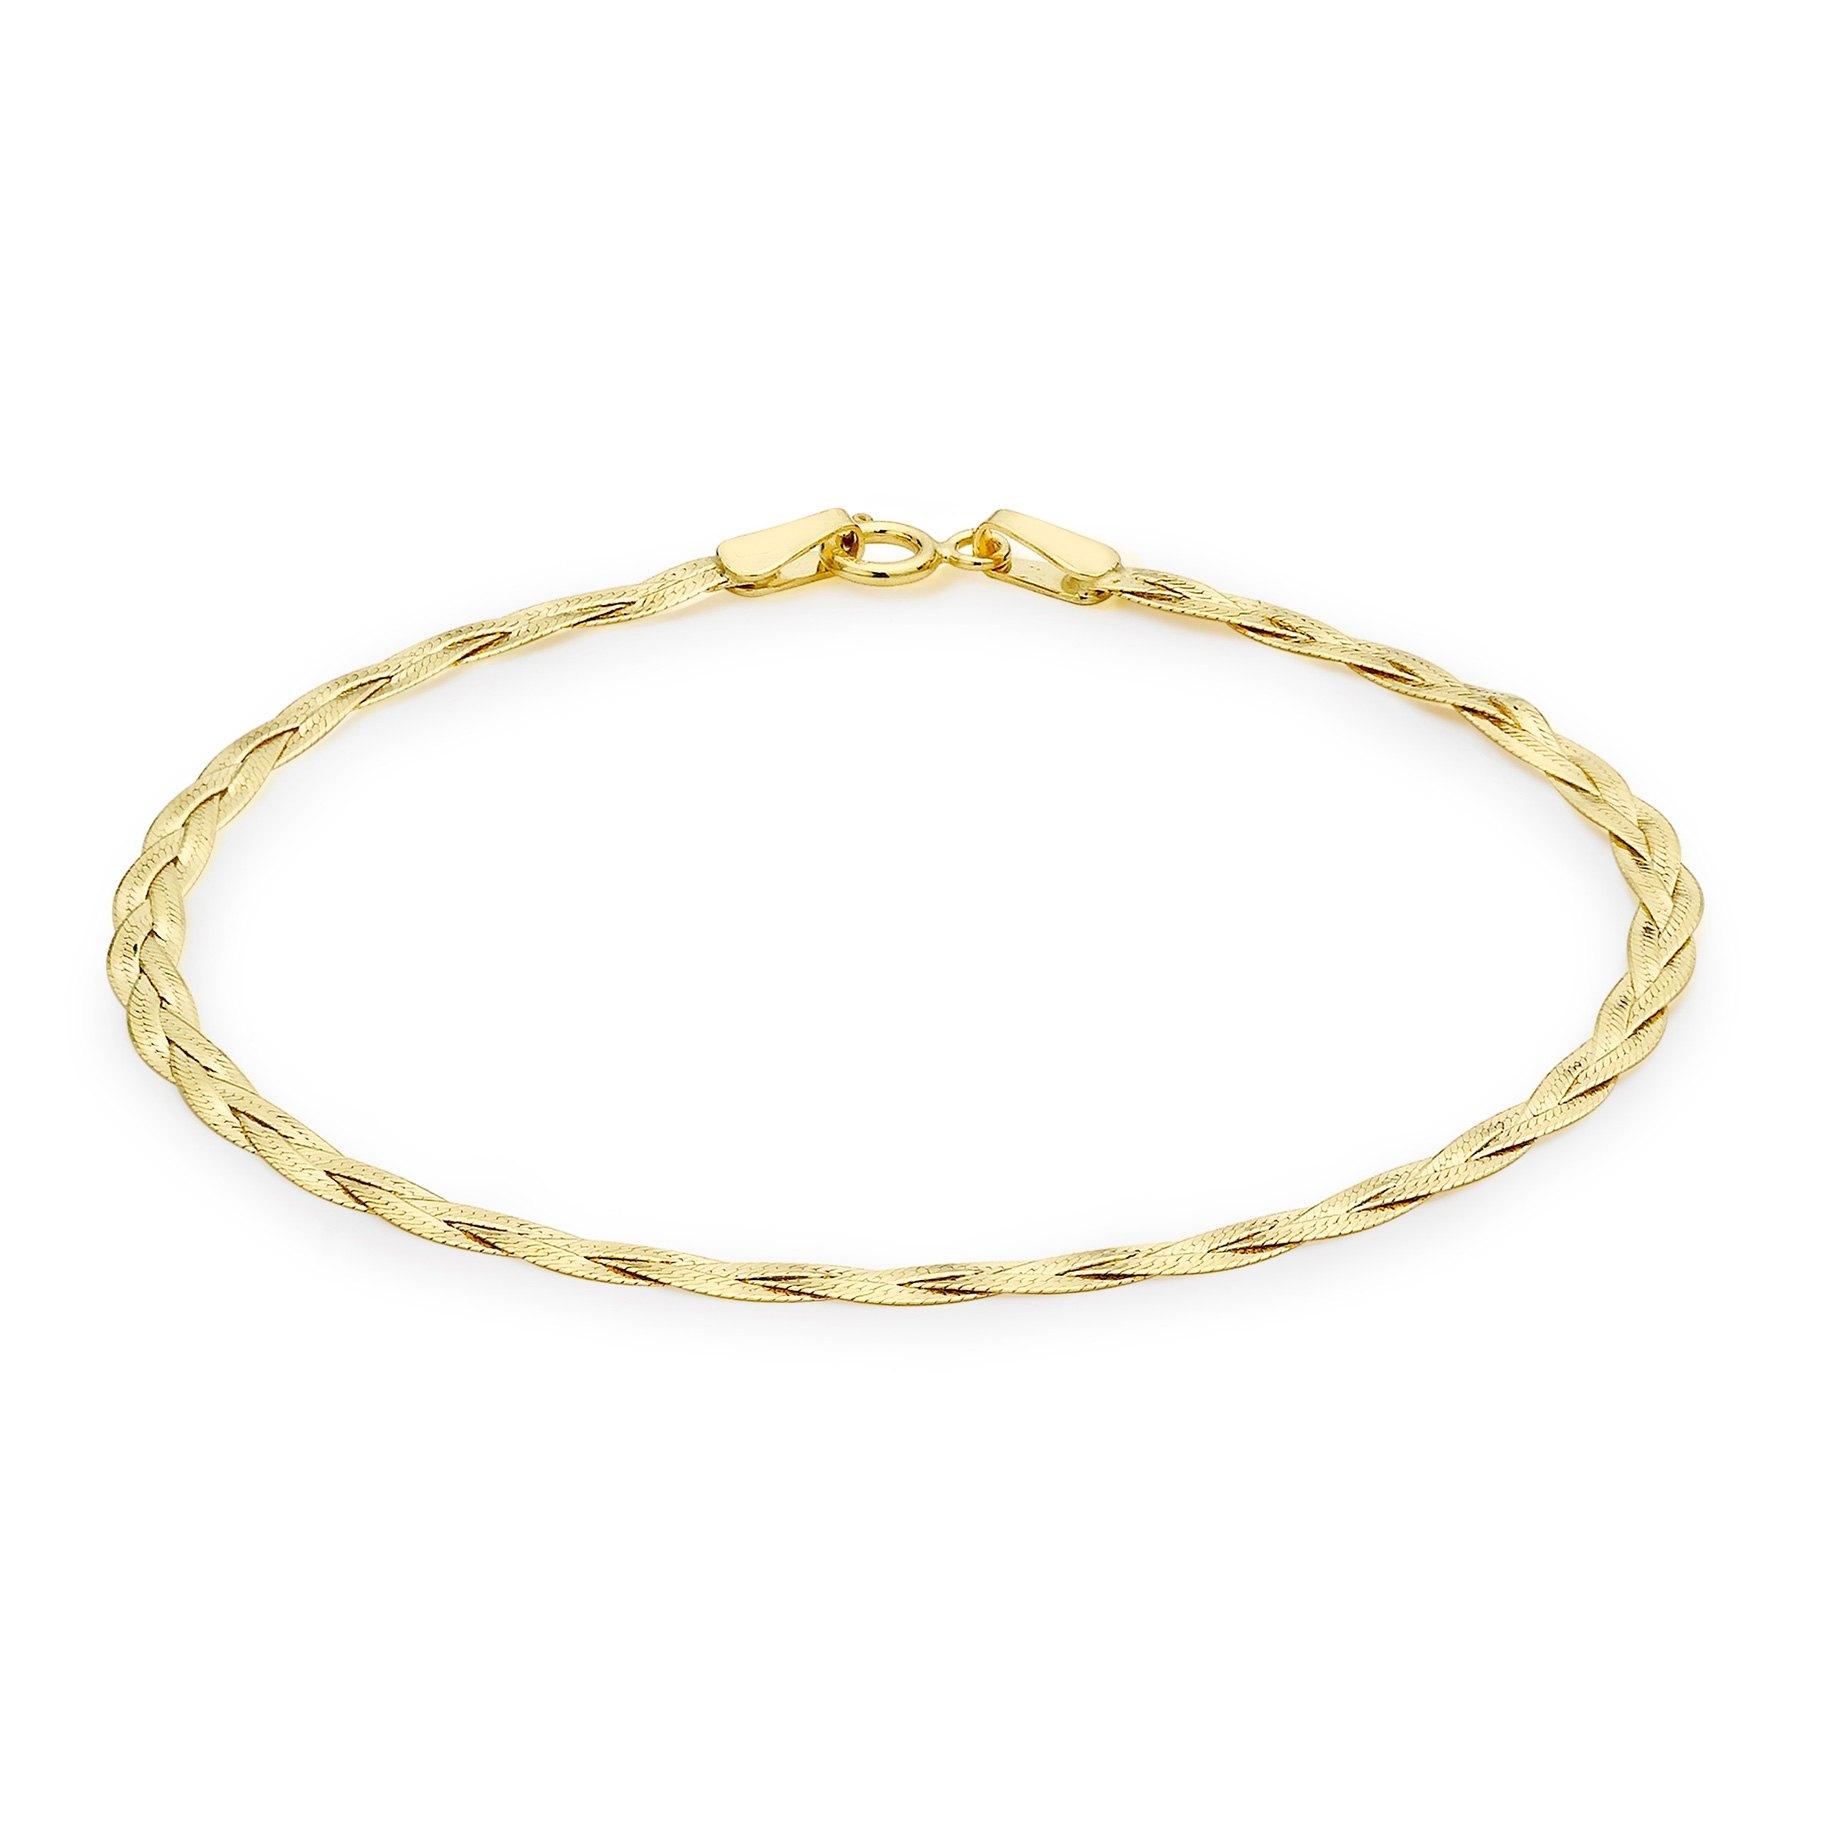 Armband 9K Guld - Herringbone